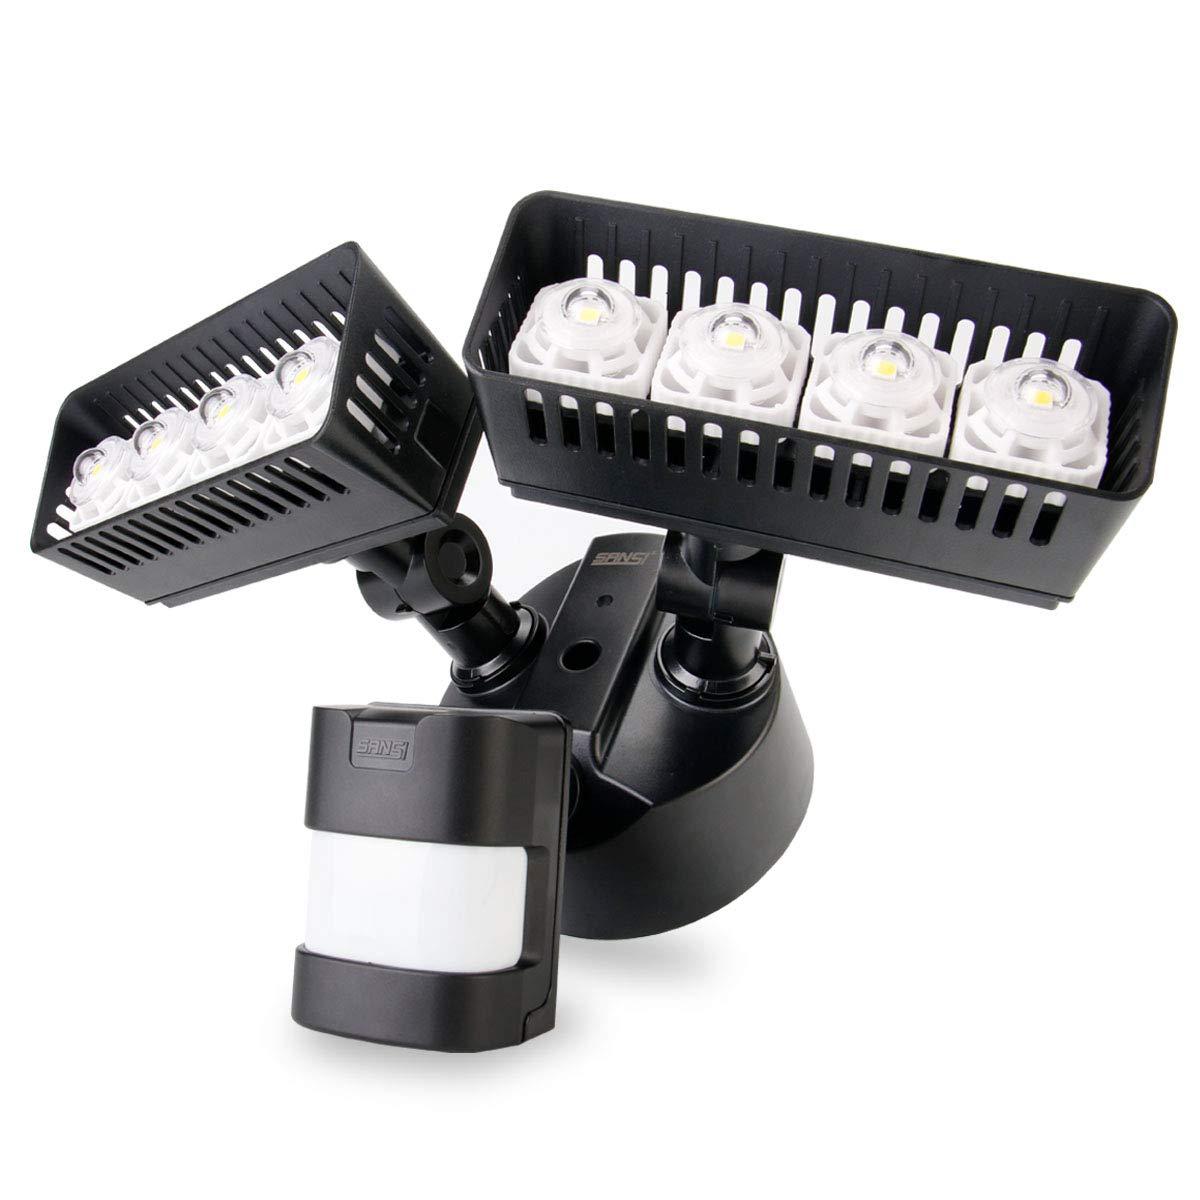 Sansi Neue Technologie LED Strahler mit Bewegungsmelder außen 30w 3400lm 5000k tageslichtweiß wasserdicht Weiß [Energieklasse A++] LED0001-WT-EW